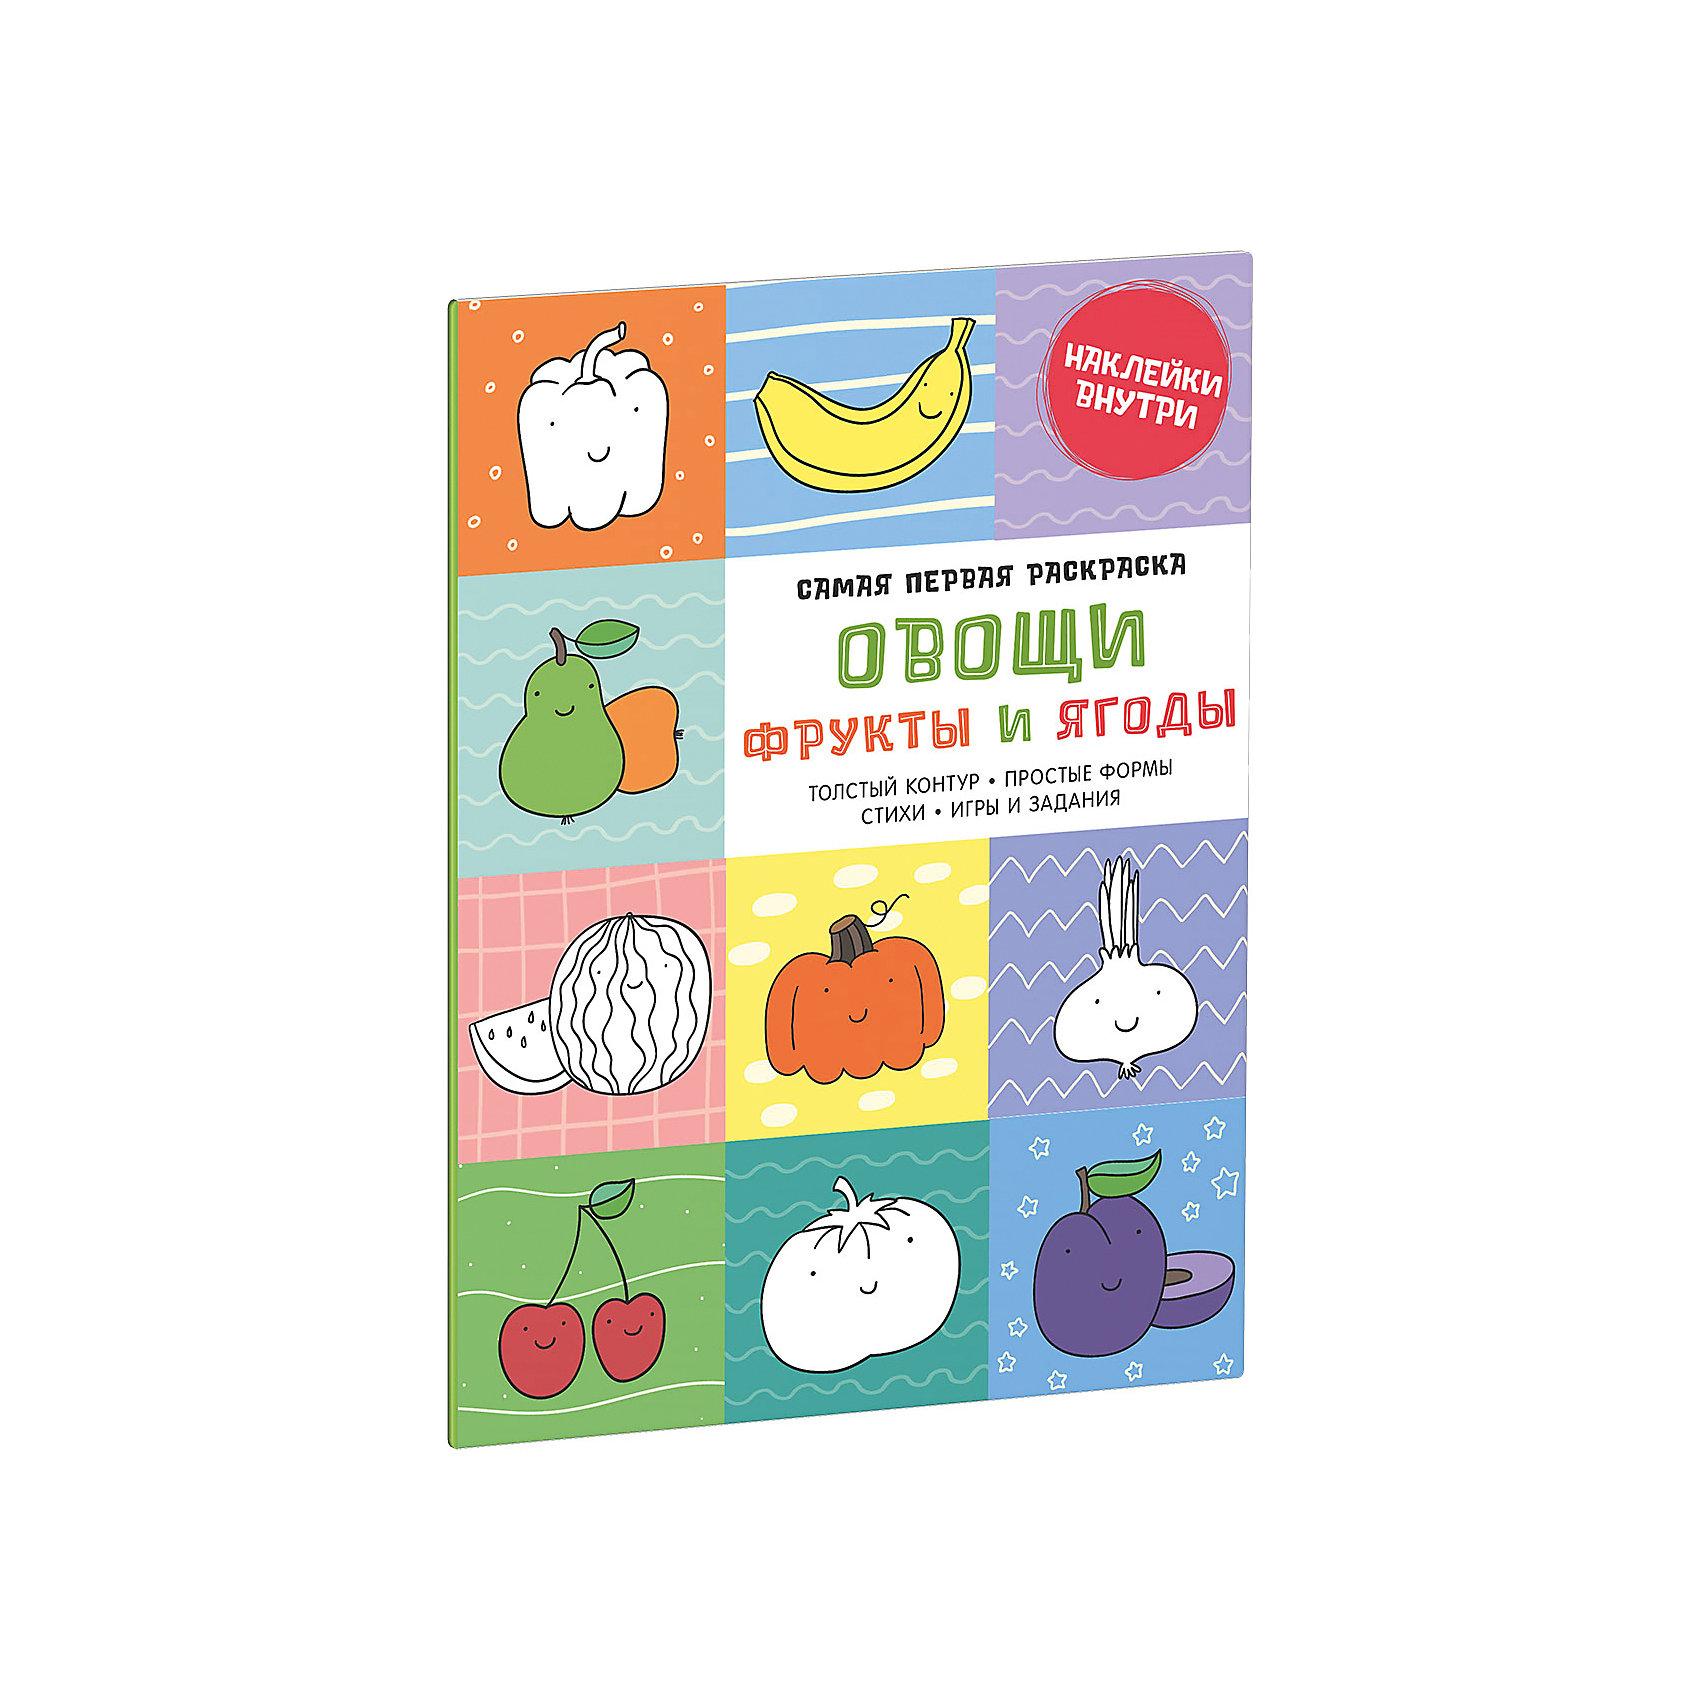 Clever Самая первая раскраска Овощи, фрукты и ягоды игнатова а овощи и фрукты